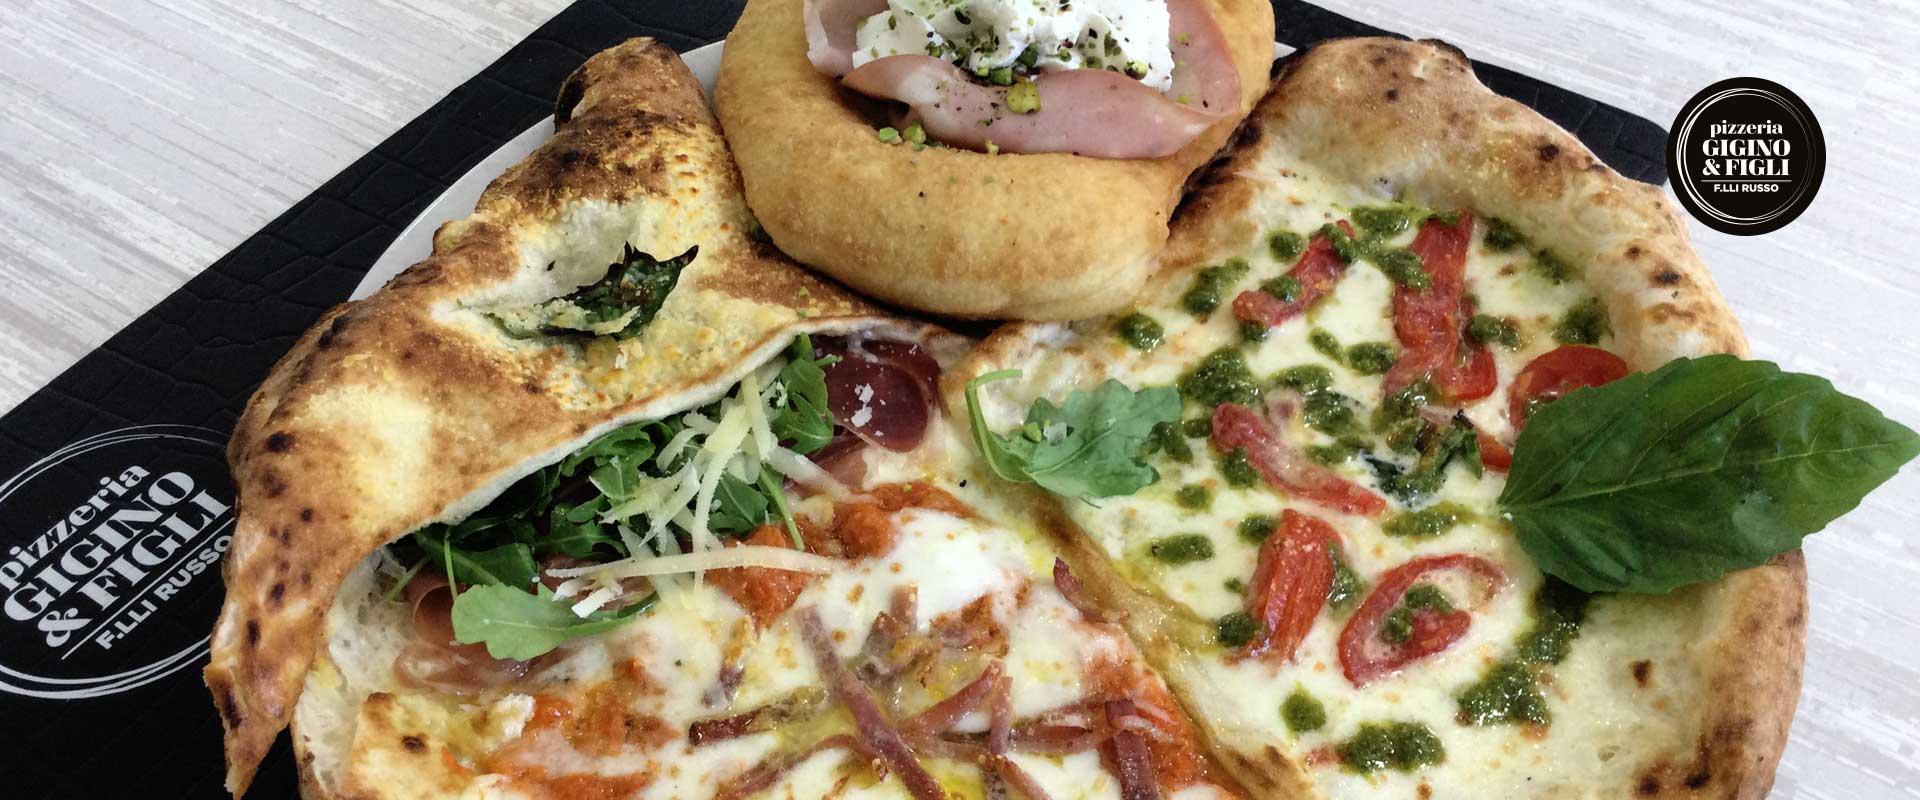 Chimica 2.0: la pizza estiva del mese di Giugno